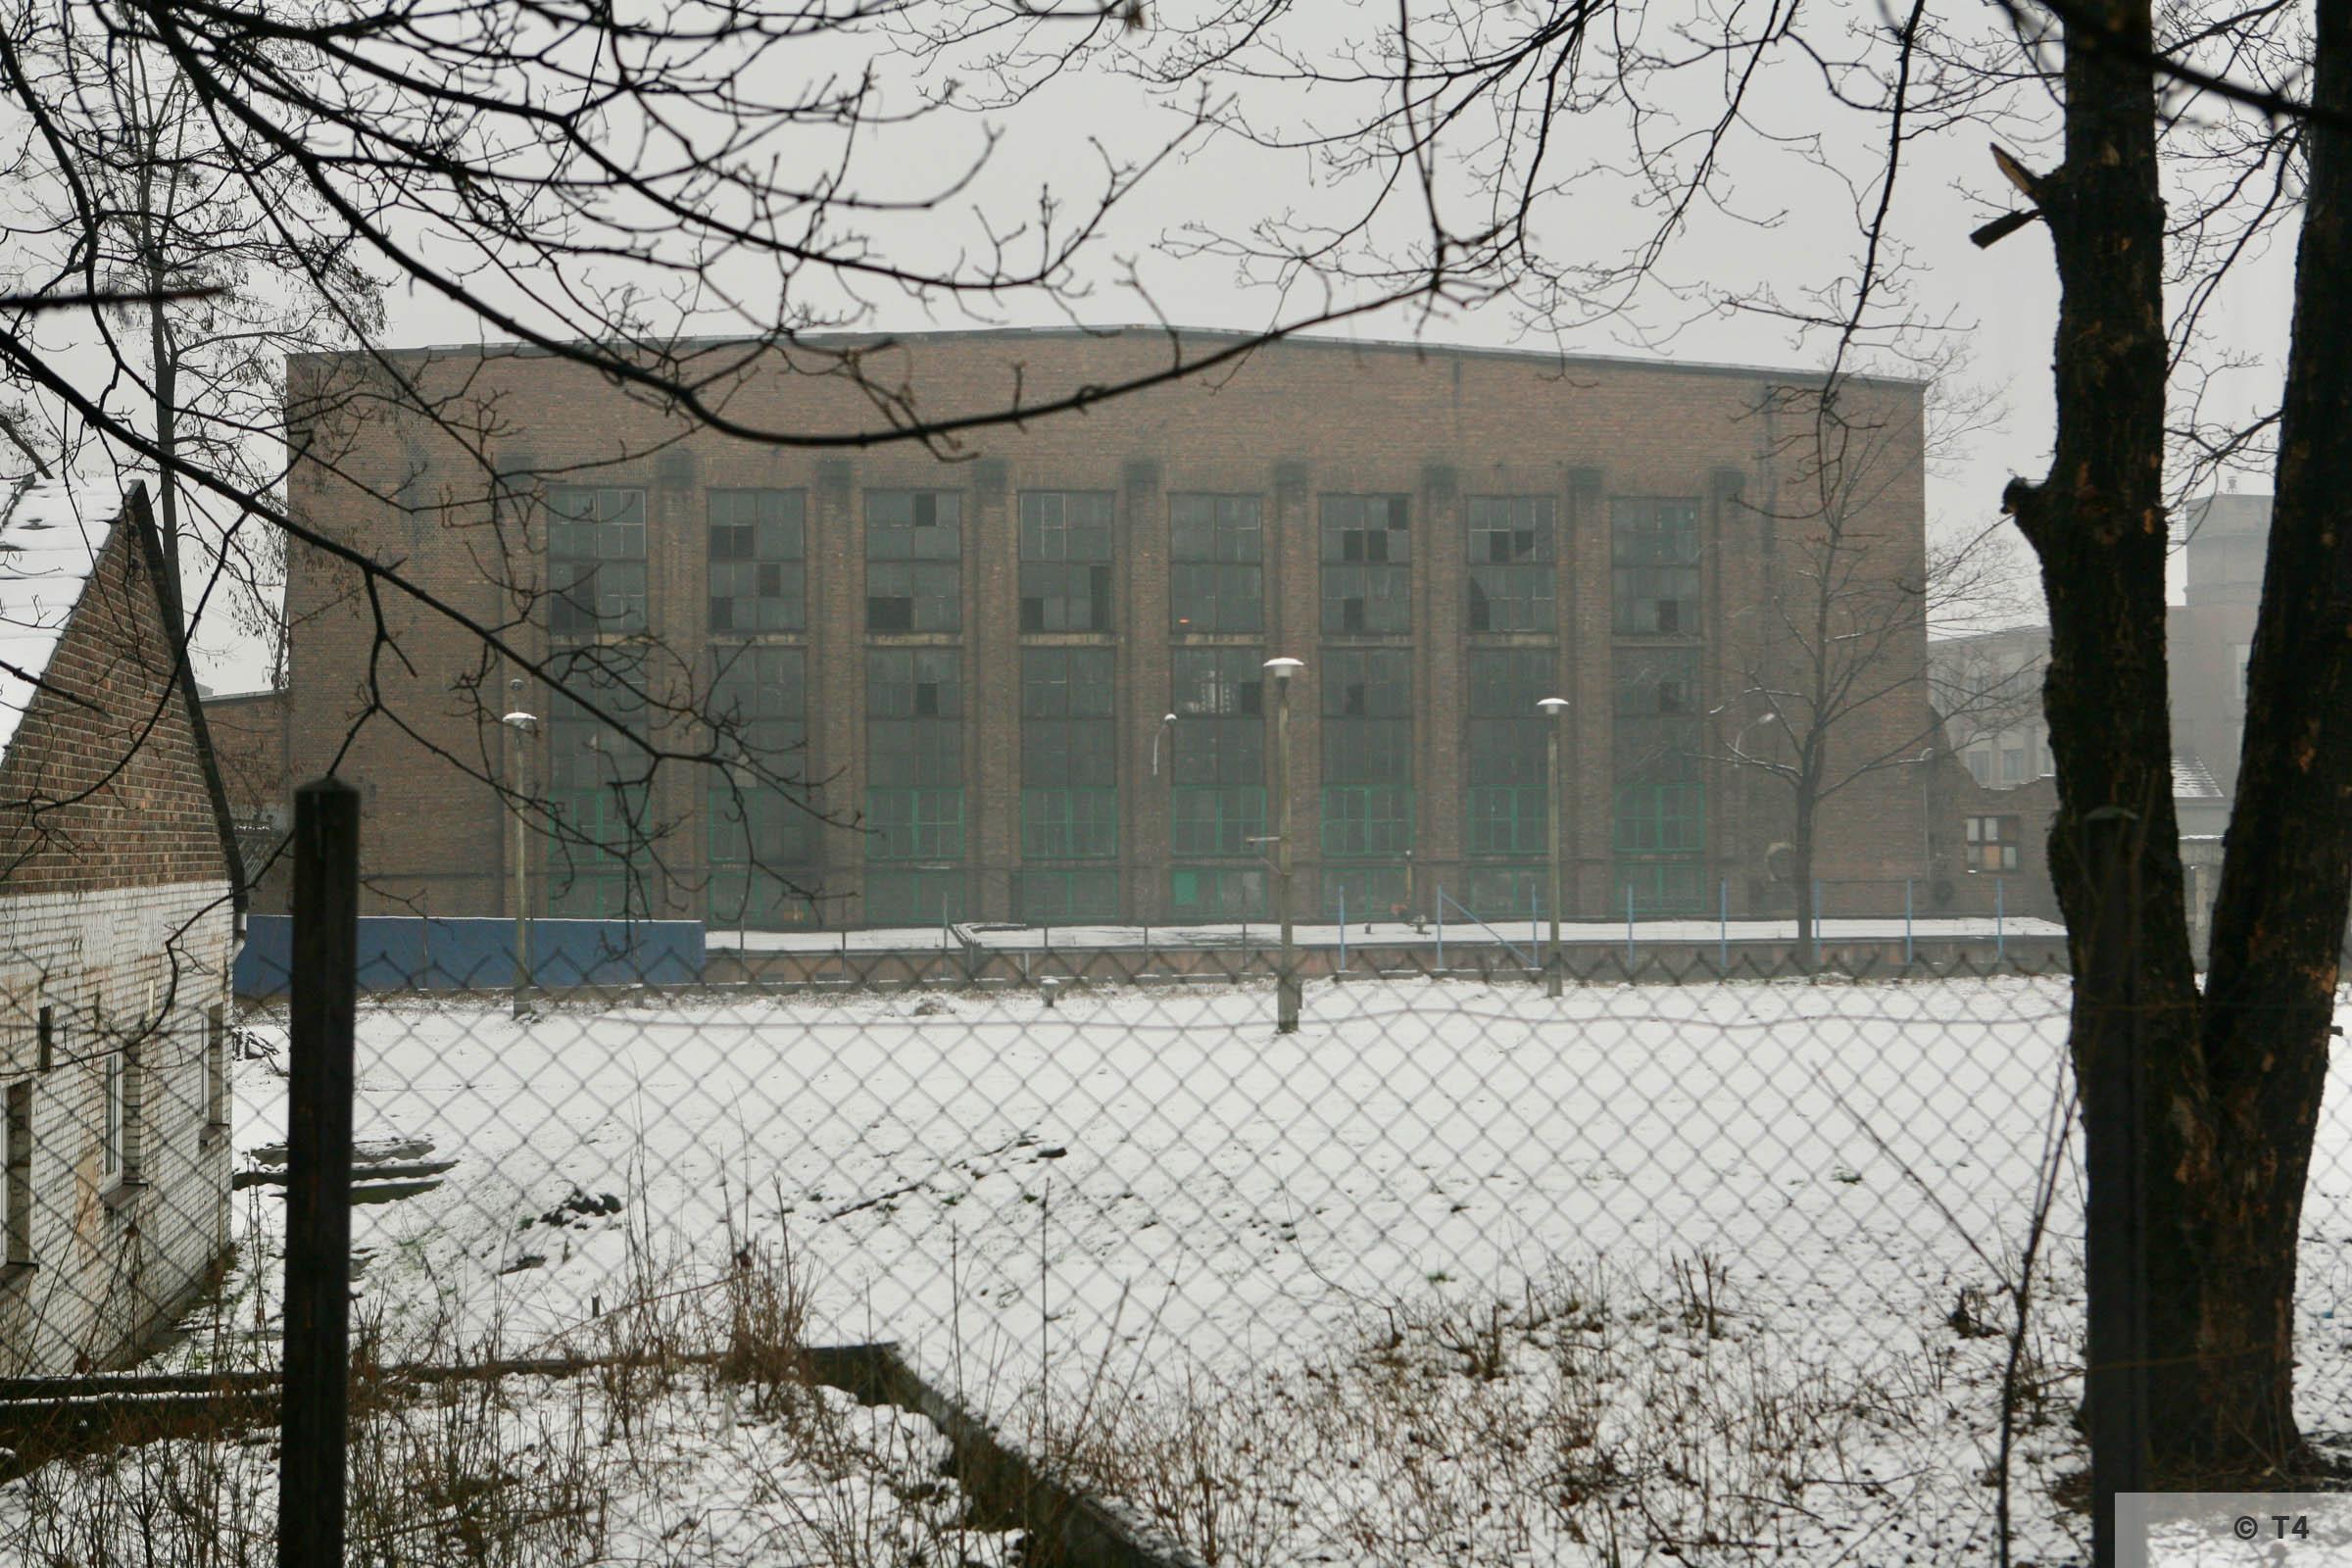 Zgoda steel plant. 2007 T4 5639